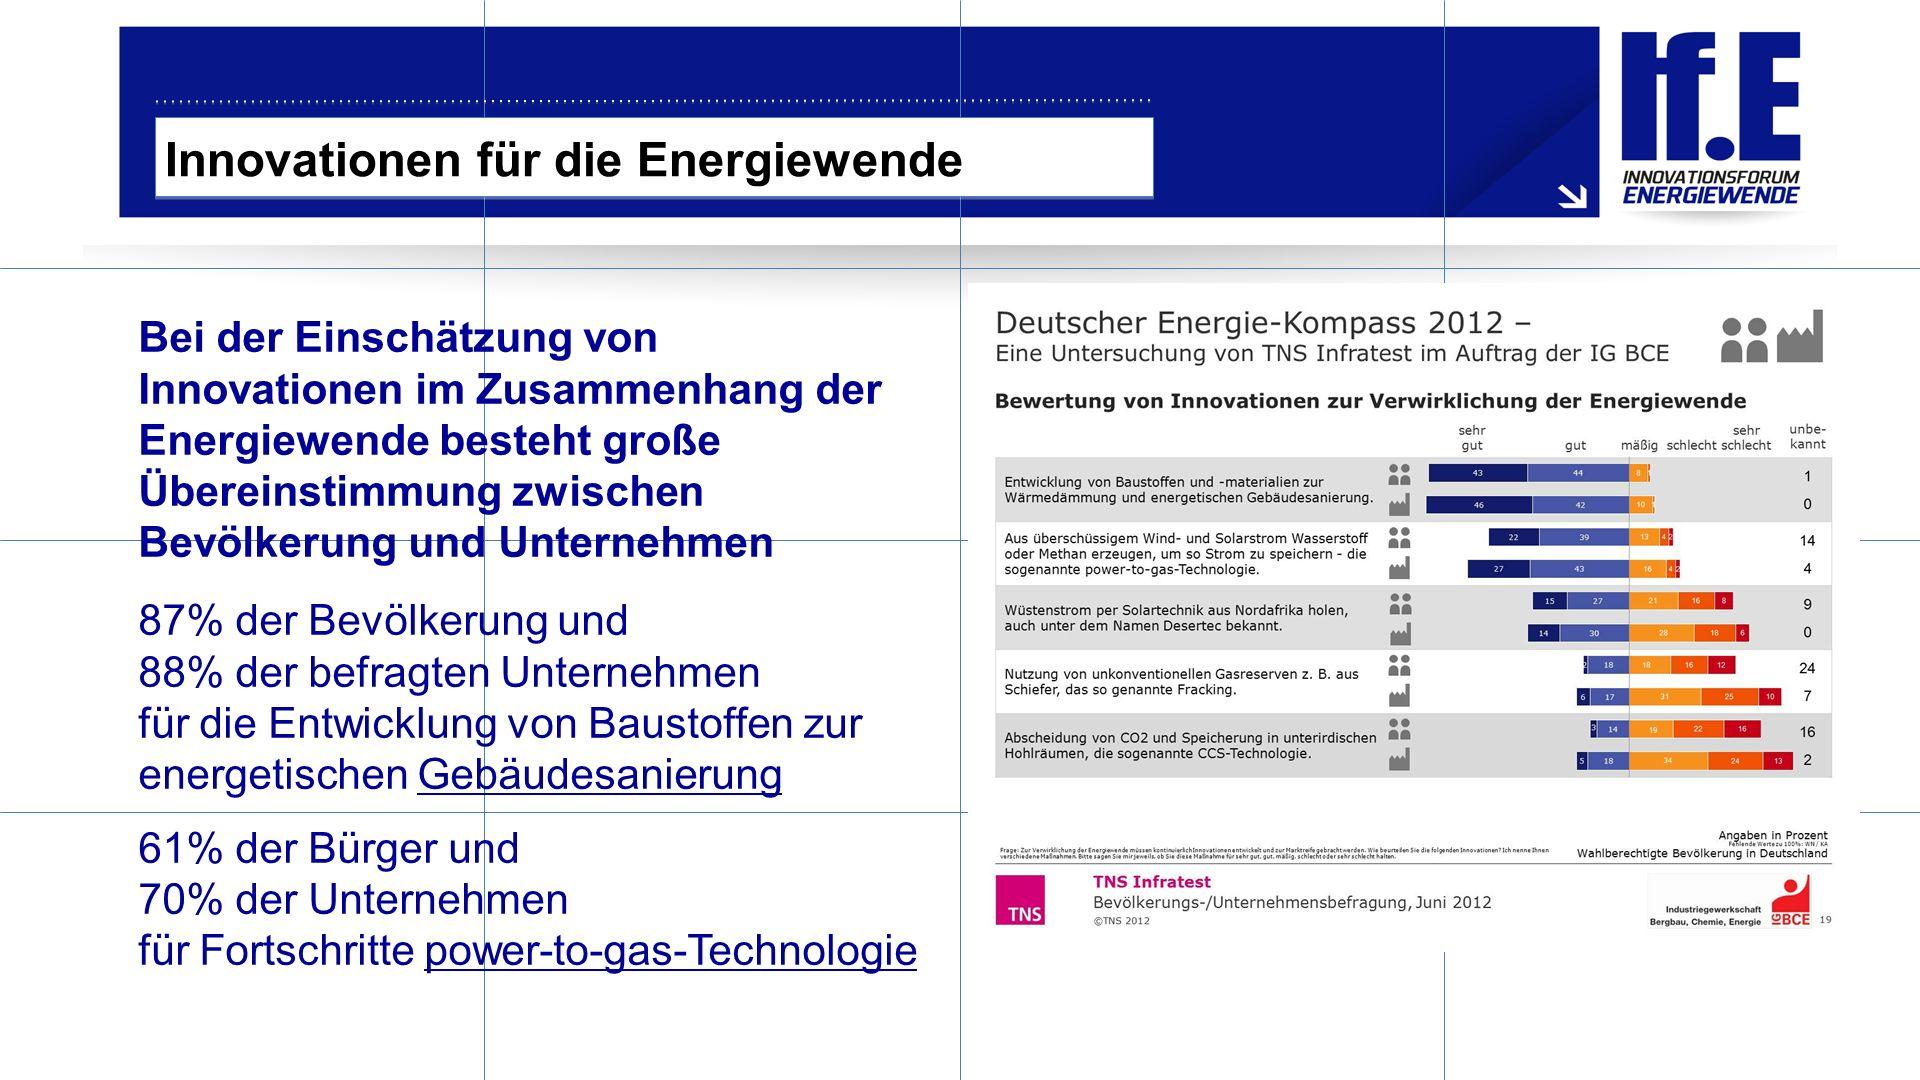 Bei der Einschätzung von Innovationen im Zusammenhang der Energiewende besteht große Übereinstimmung zwischen Bevölkerung und Unternehmen 87% der Bevölkerung und 88% der befragten Unternehmen für die Entwicklung von Baustoffen zur energetischen Gebäudesanierung 61% der Bürger und 70% der Unternehmen für Fortschritte power-to-gas-Technologie Innovationen für die Energiewende